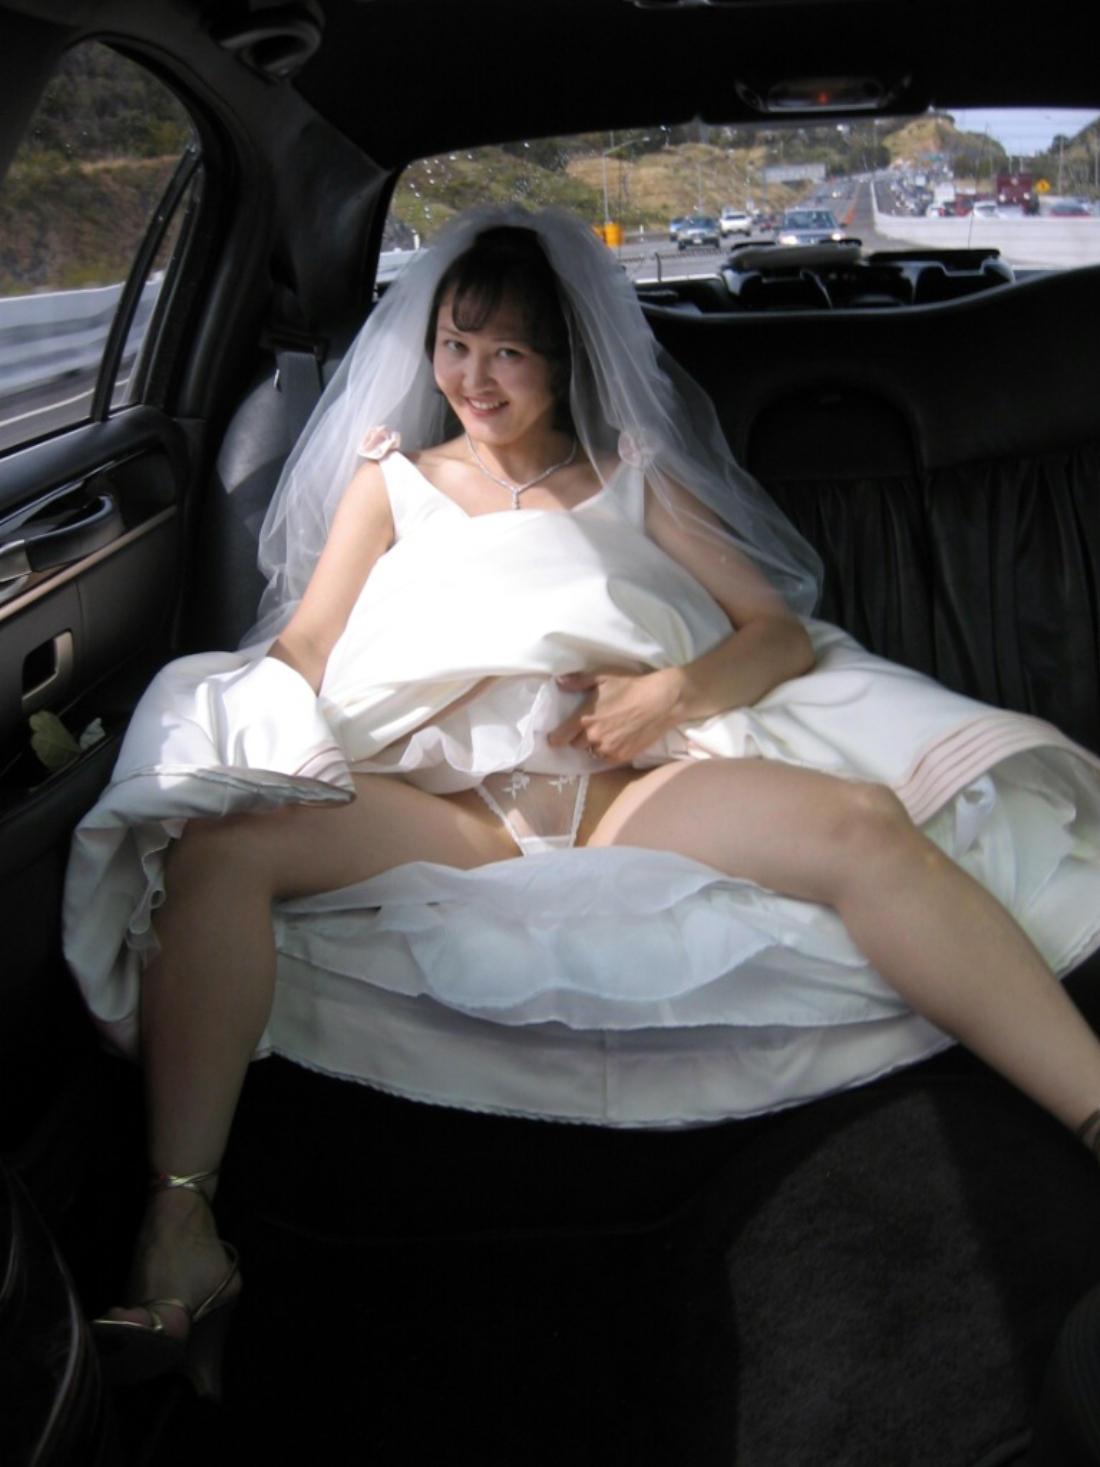 Трусики невест порно 1 фотография